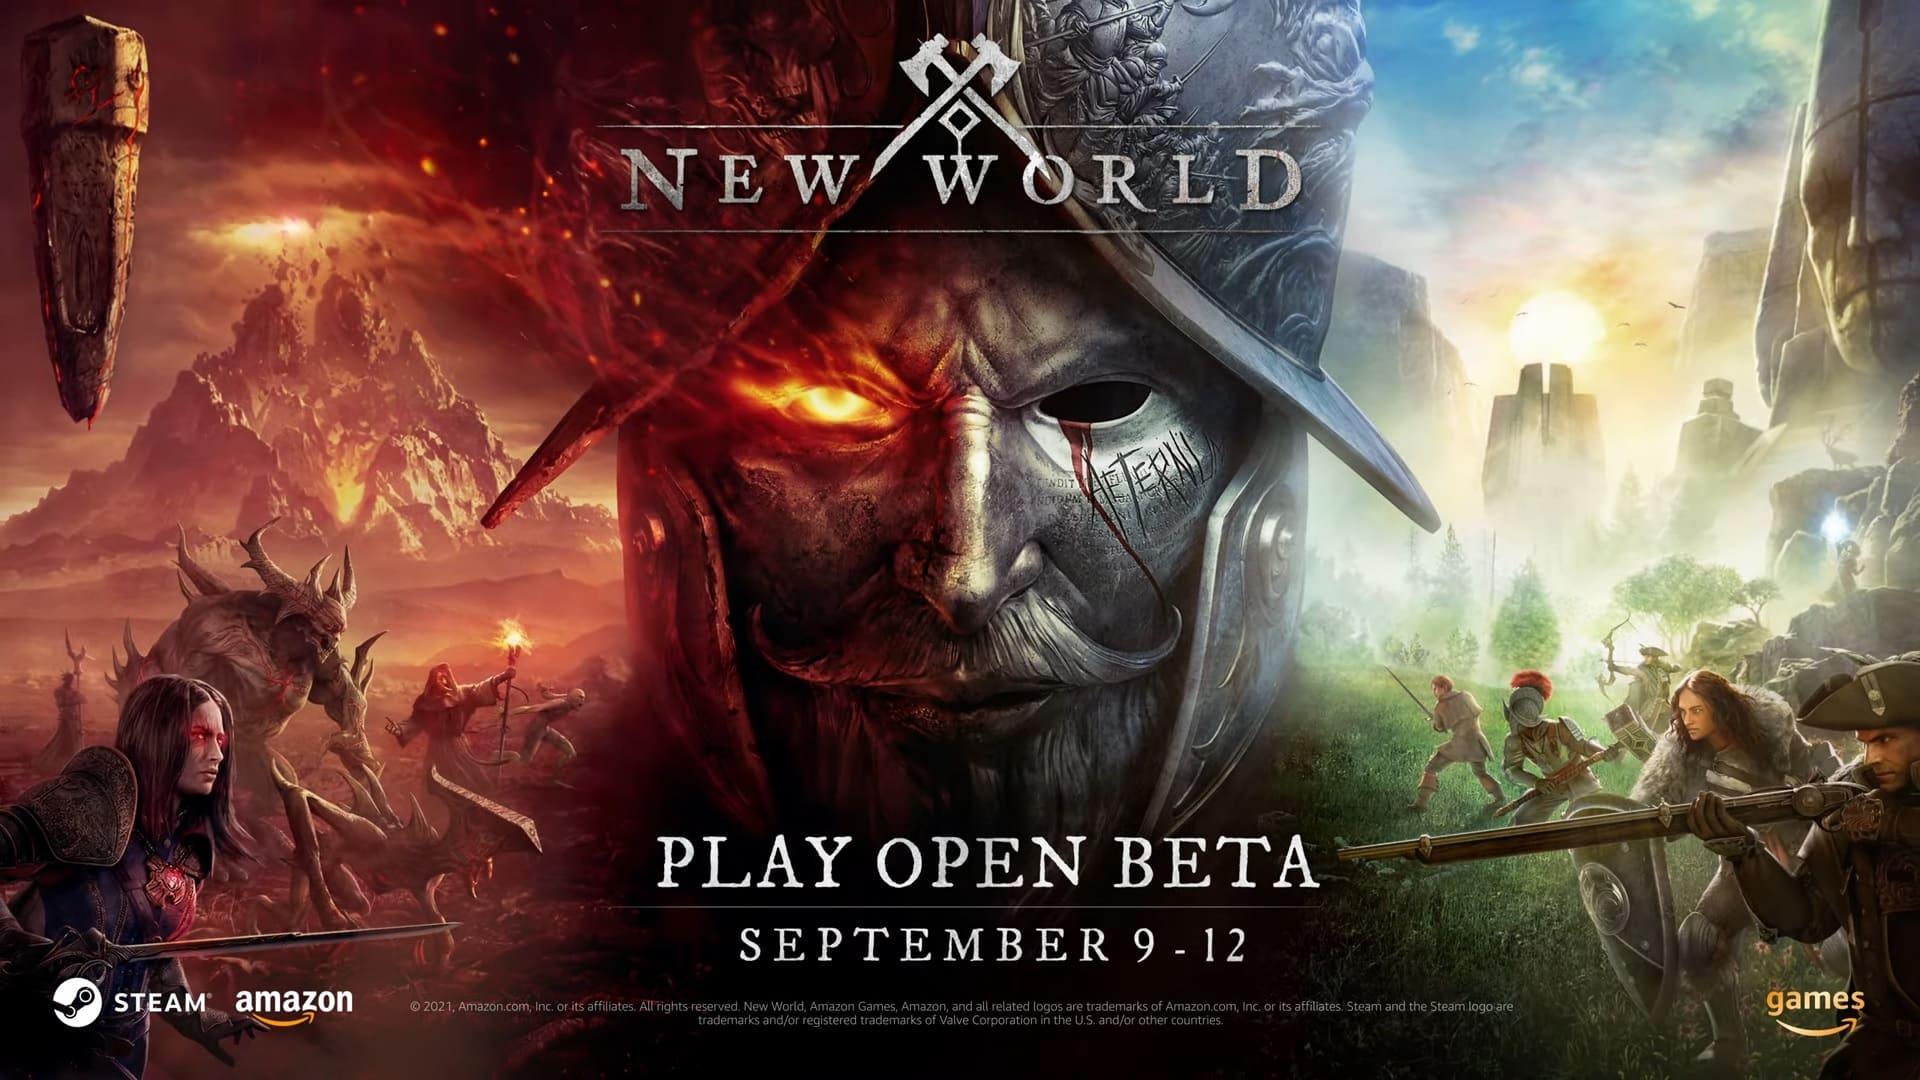 new world open beta september